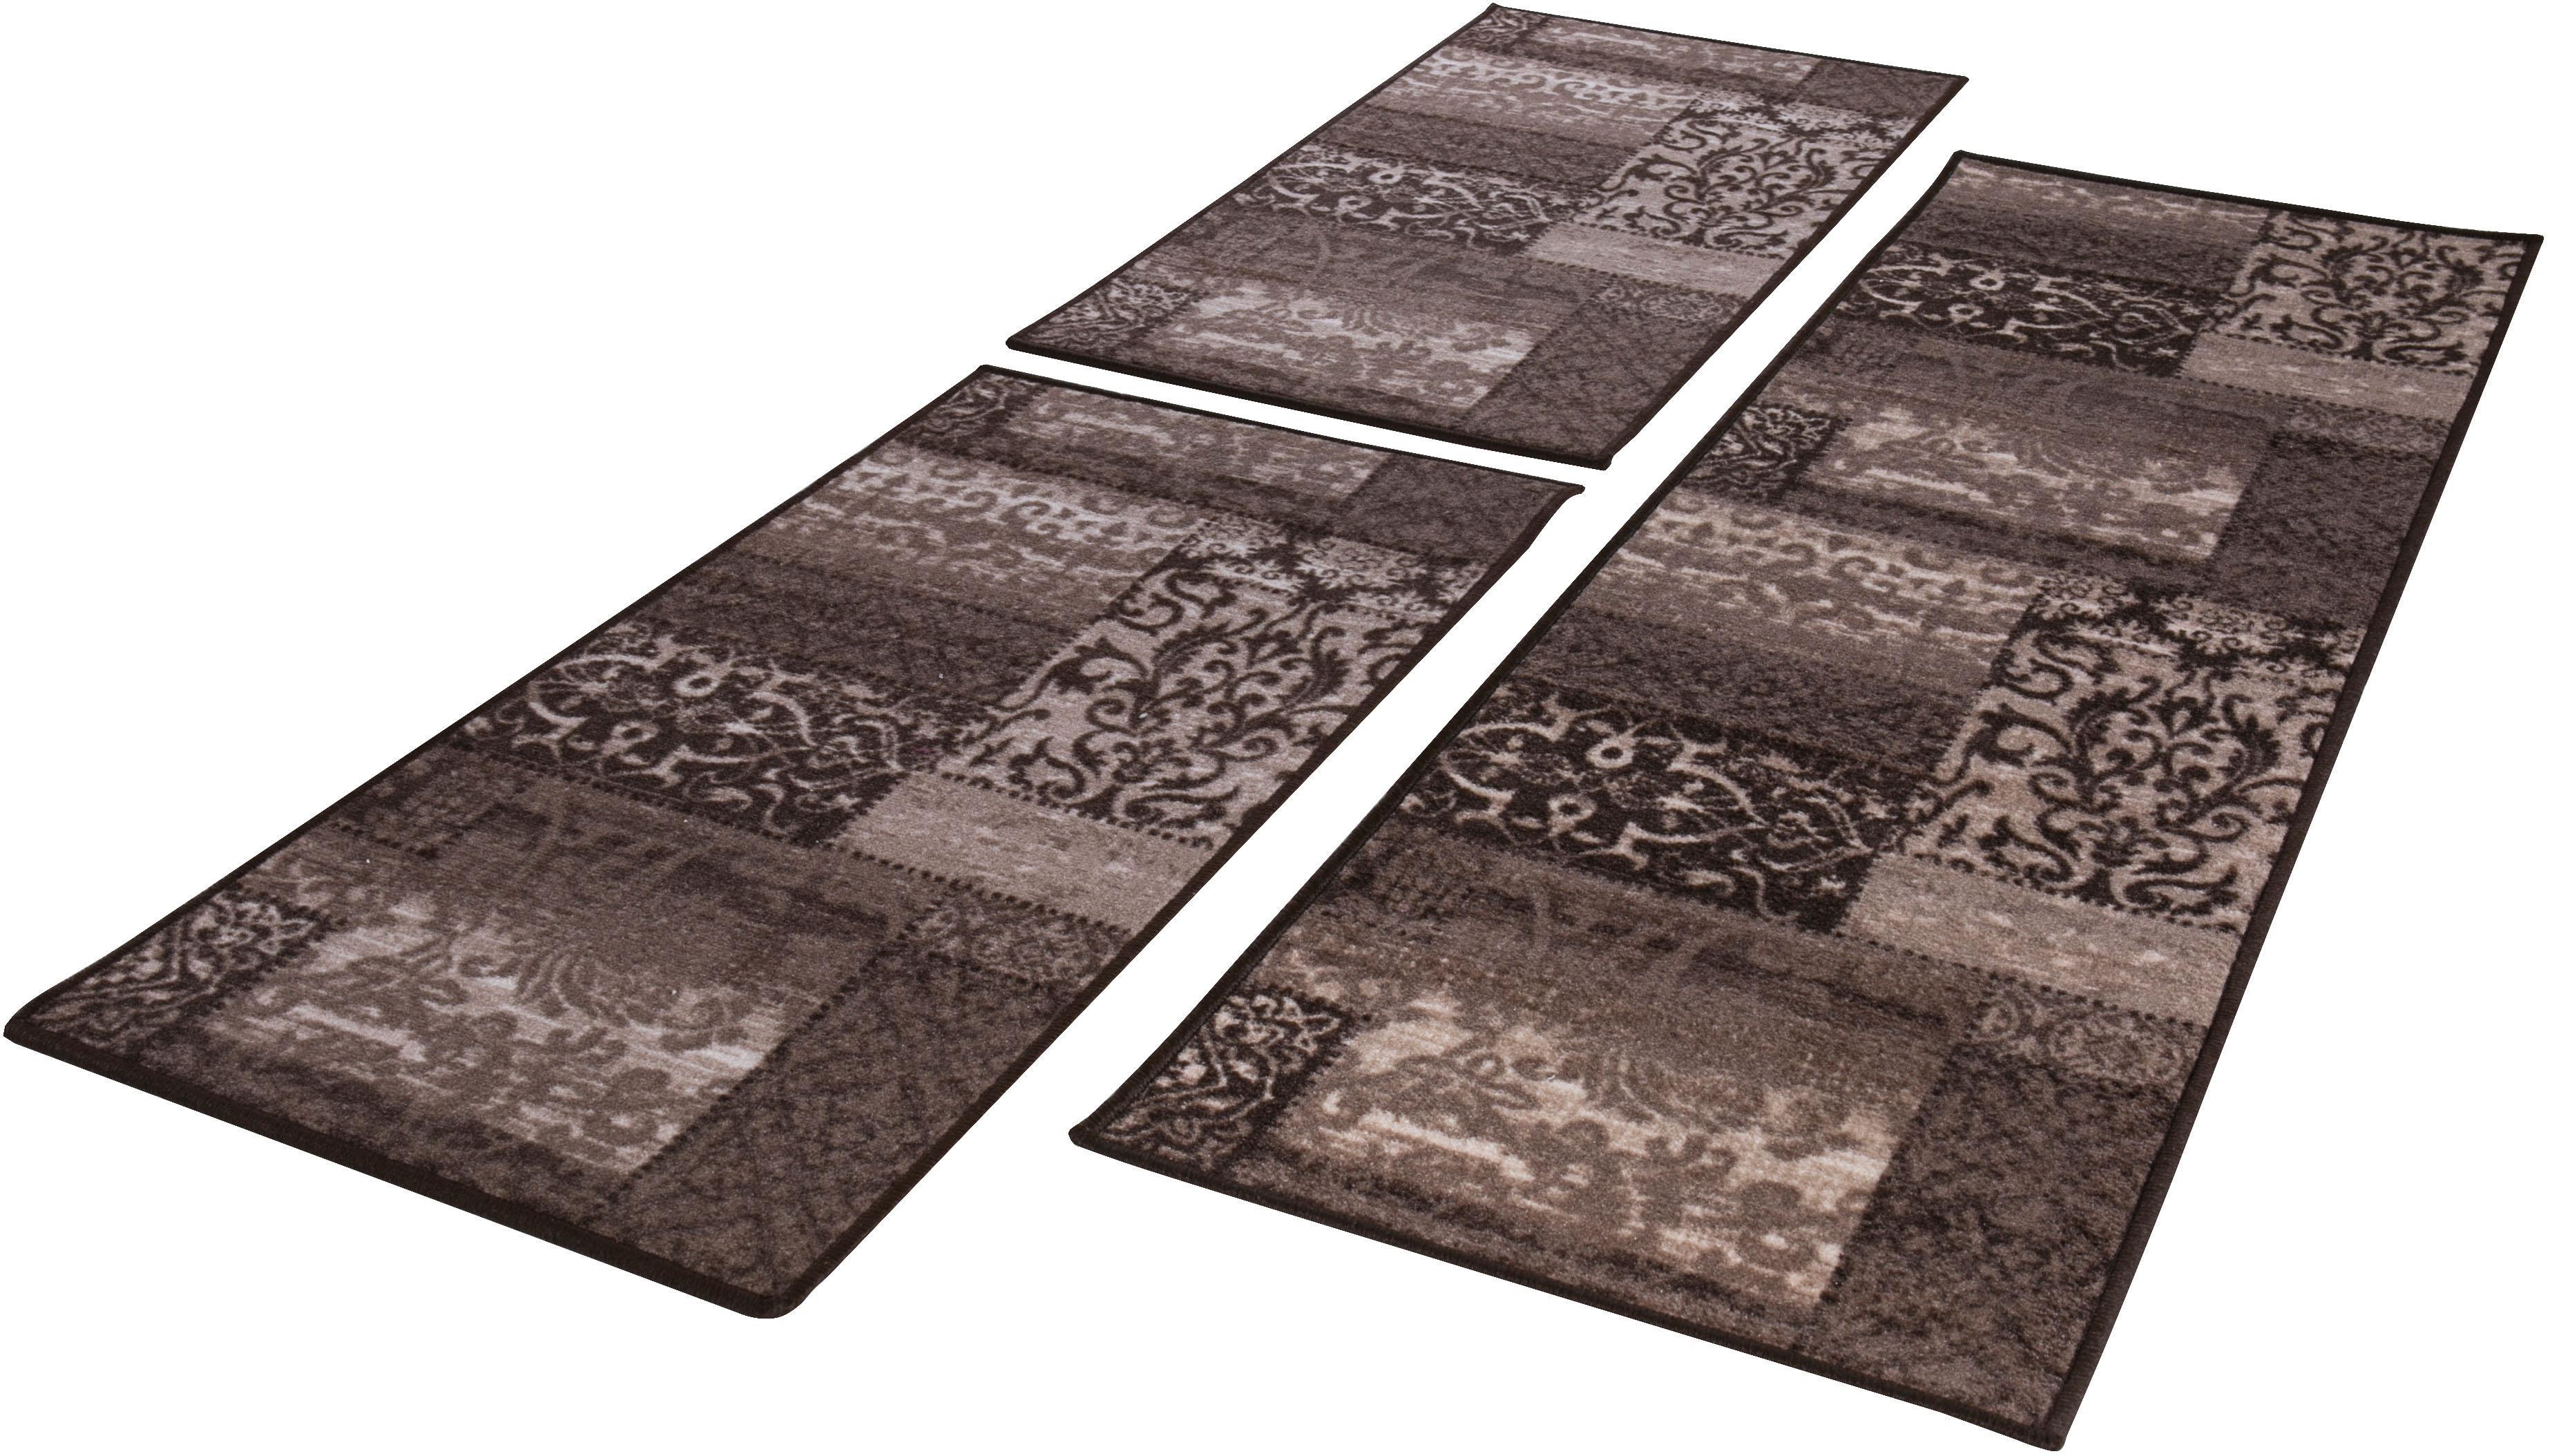 Image of Andiamo Bettumrandung »Jarama«, Bettvorleger, Läufer-Set für das Schlafzimmer, Kurzflor, Vintage-Optik